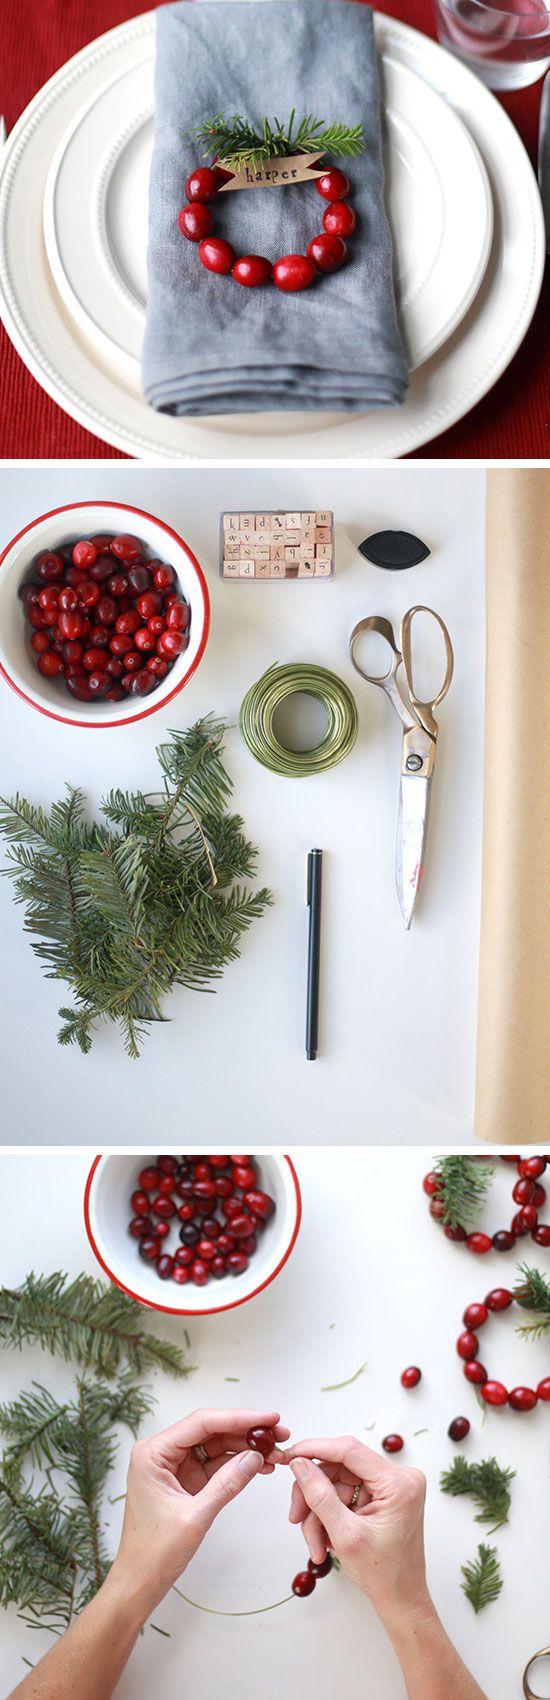 Segnaposti Originali Per Natale 25 Idee Simpatiche Da Copiare